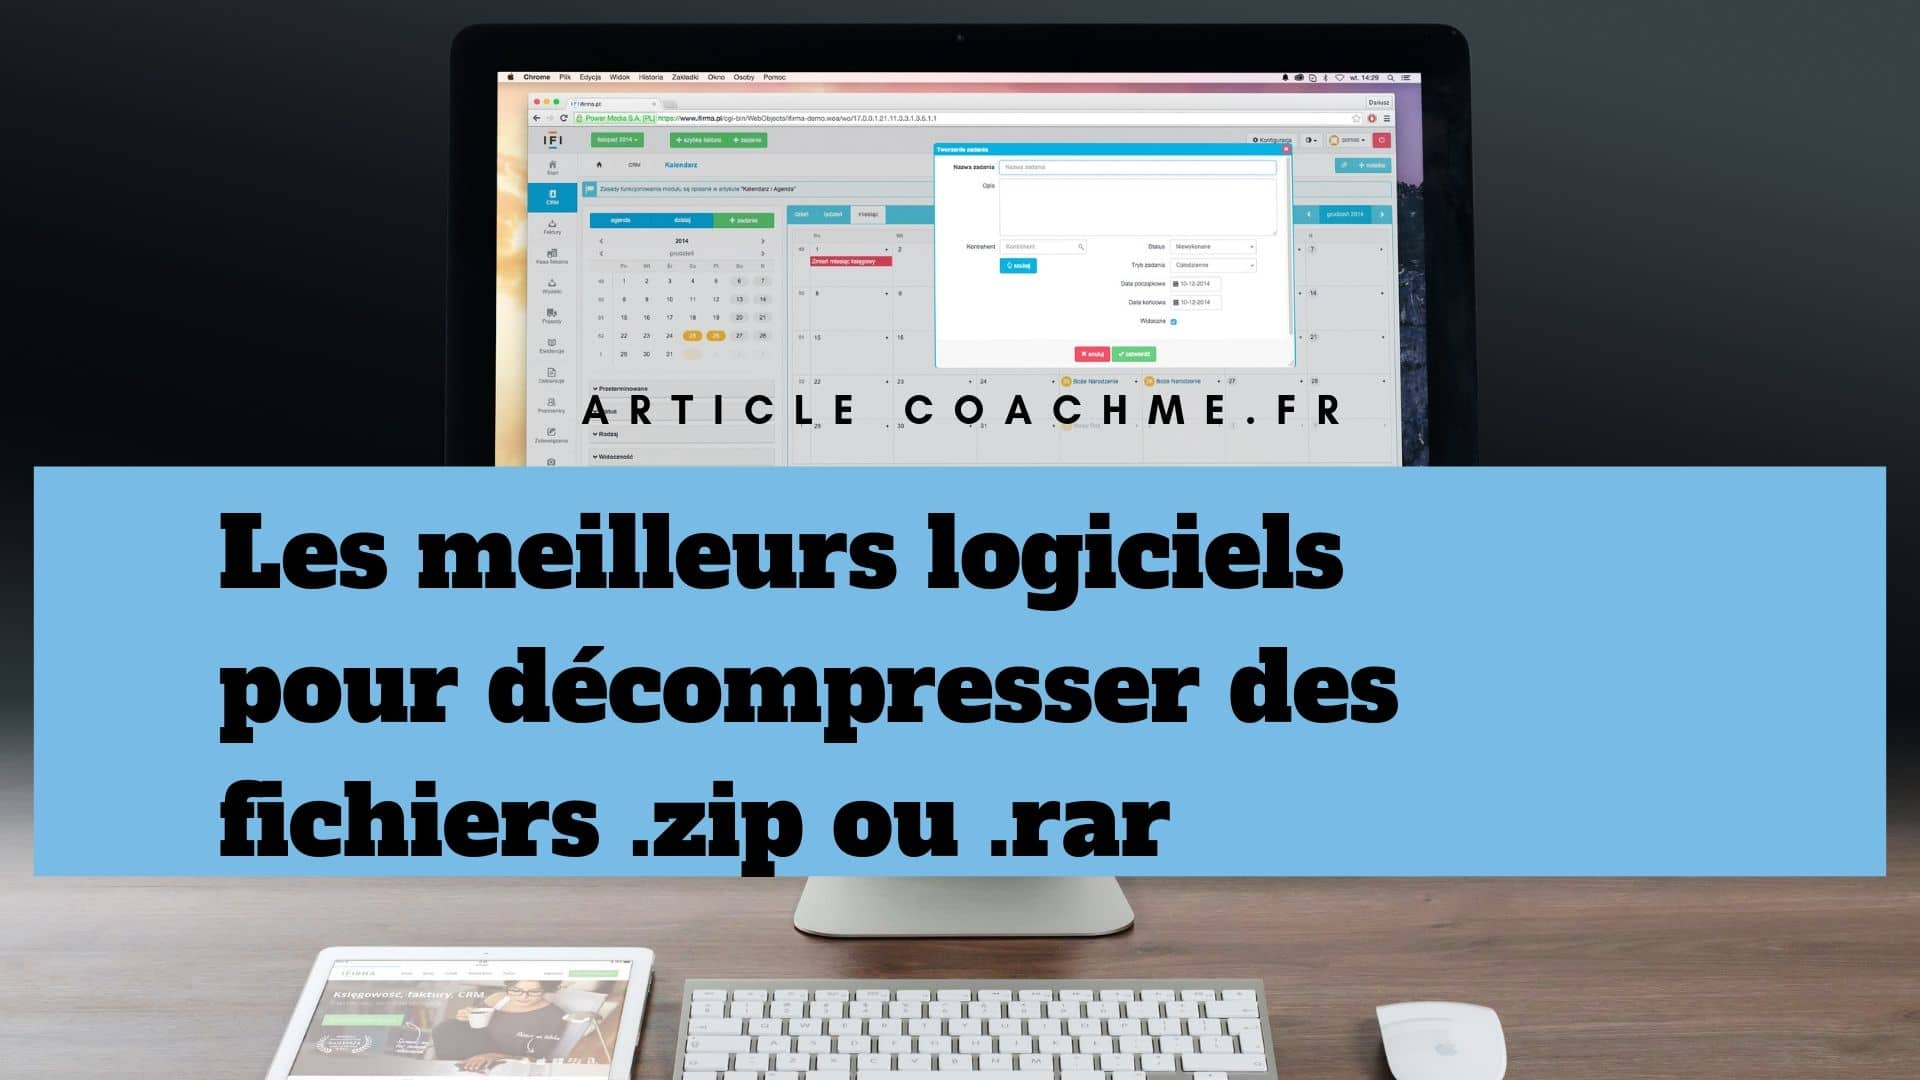 Comment Ouvrir Un Fichier RAR Sur Mac.Для вашего поискового запроса Quel Logiciel Pour Ouvrir Ce Fichier MP3 мы нашли 1000000 песни, соответствующие вашему запросу, но показывающие только 10 лучших результатов.